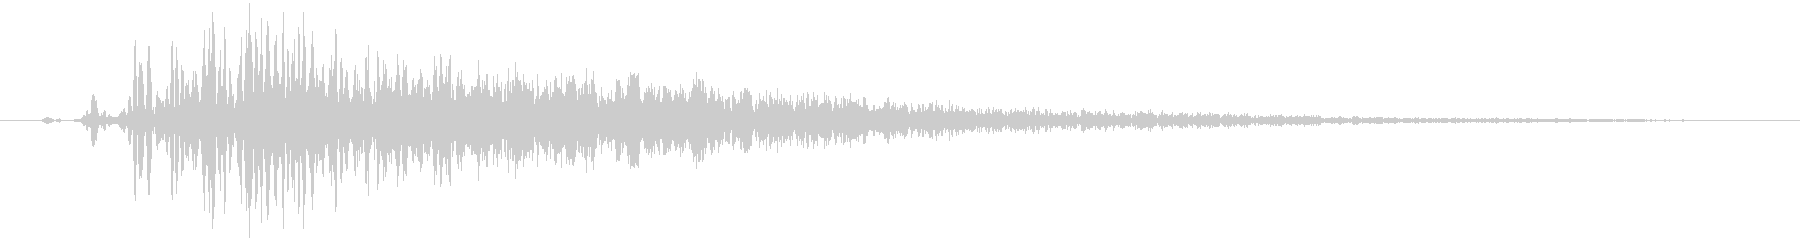 詠唱(魔方陣発生)の未再生の波形